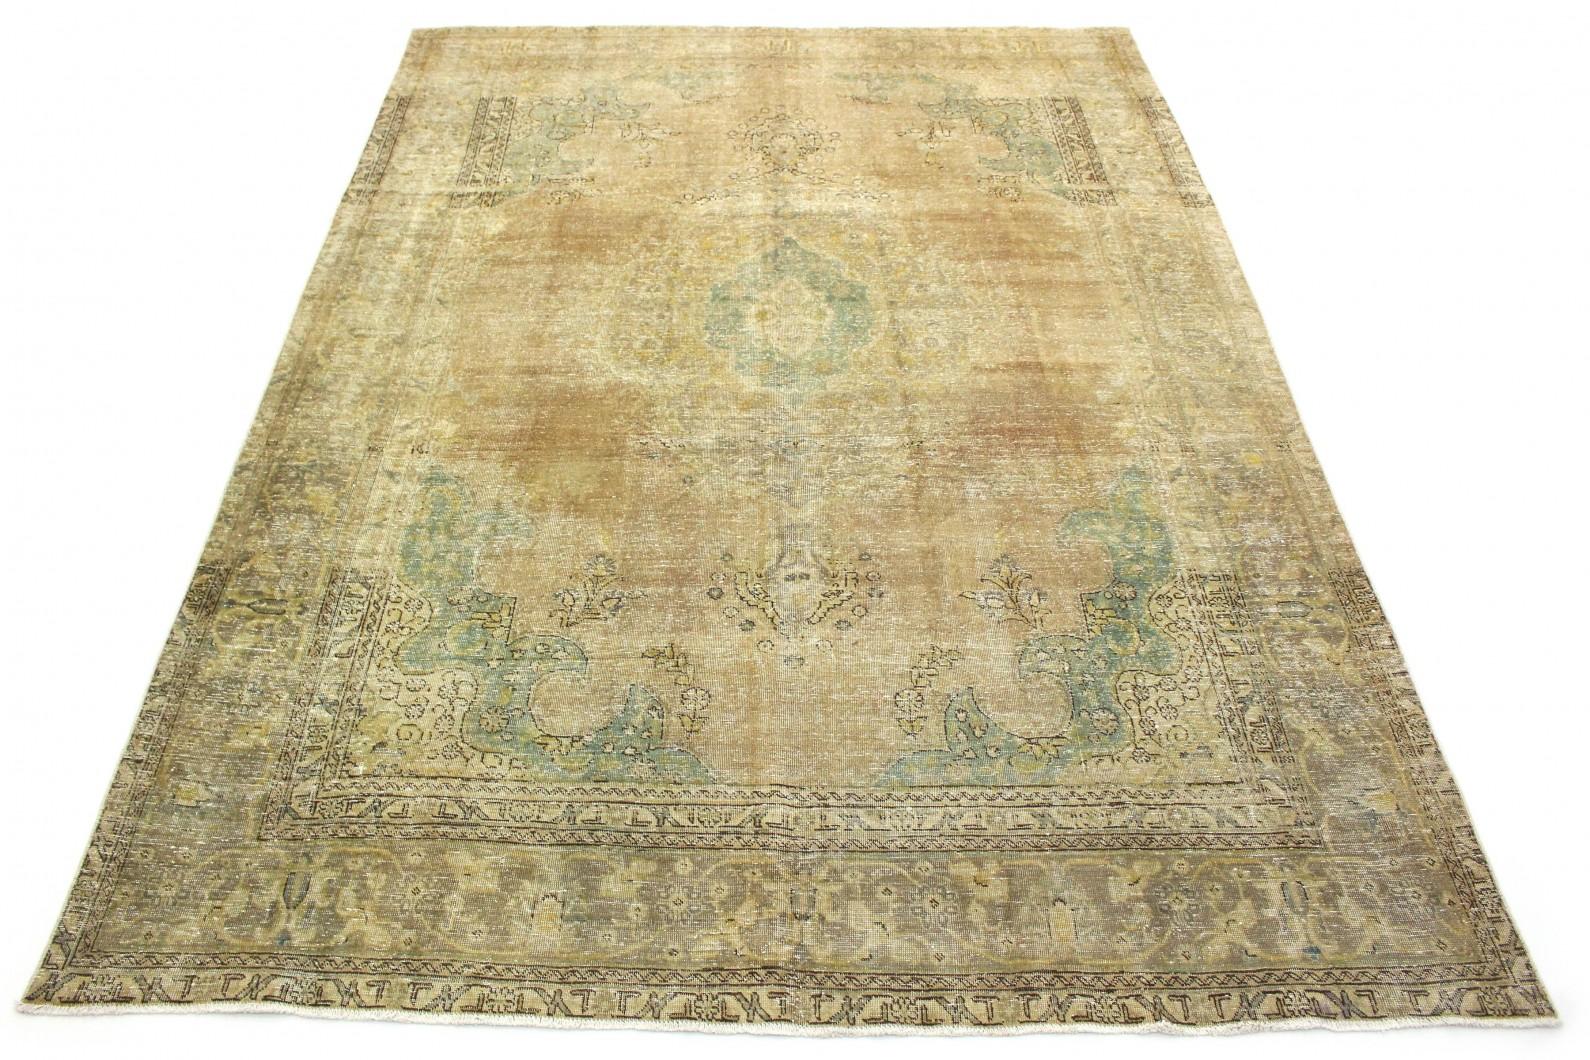 Vintage Teppich Beige Braun Grau in 410x300 (1 / 5)